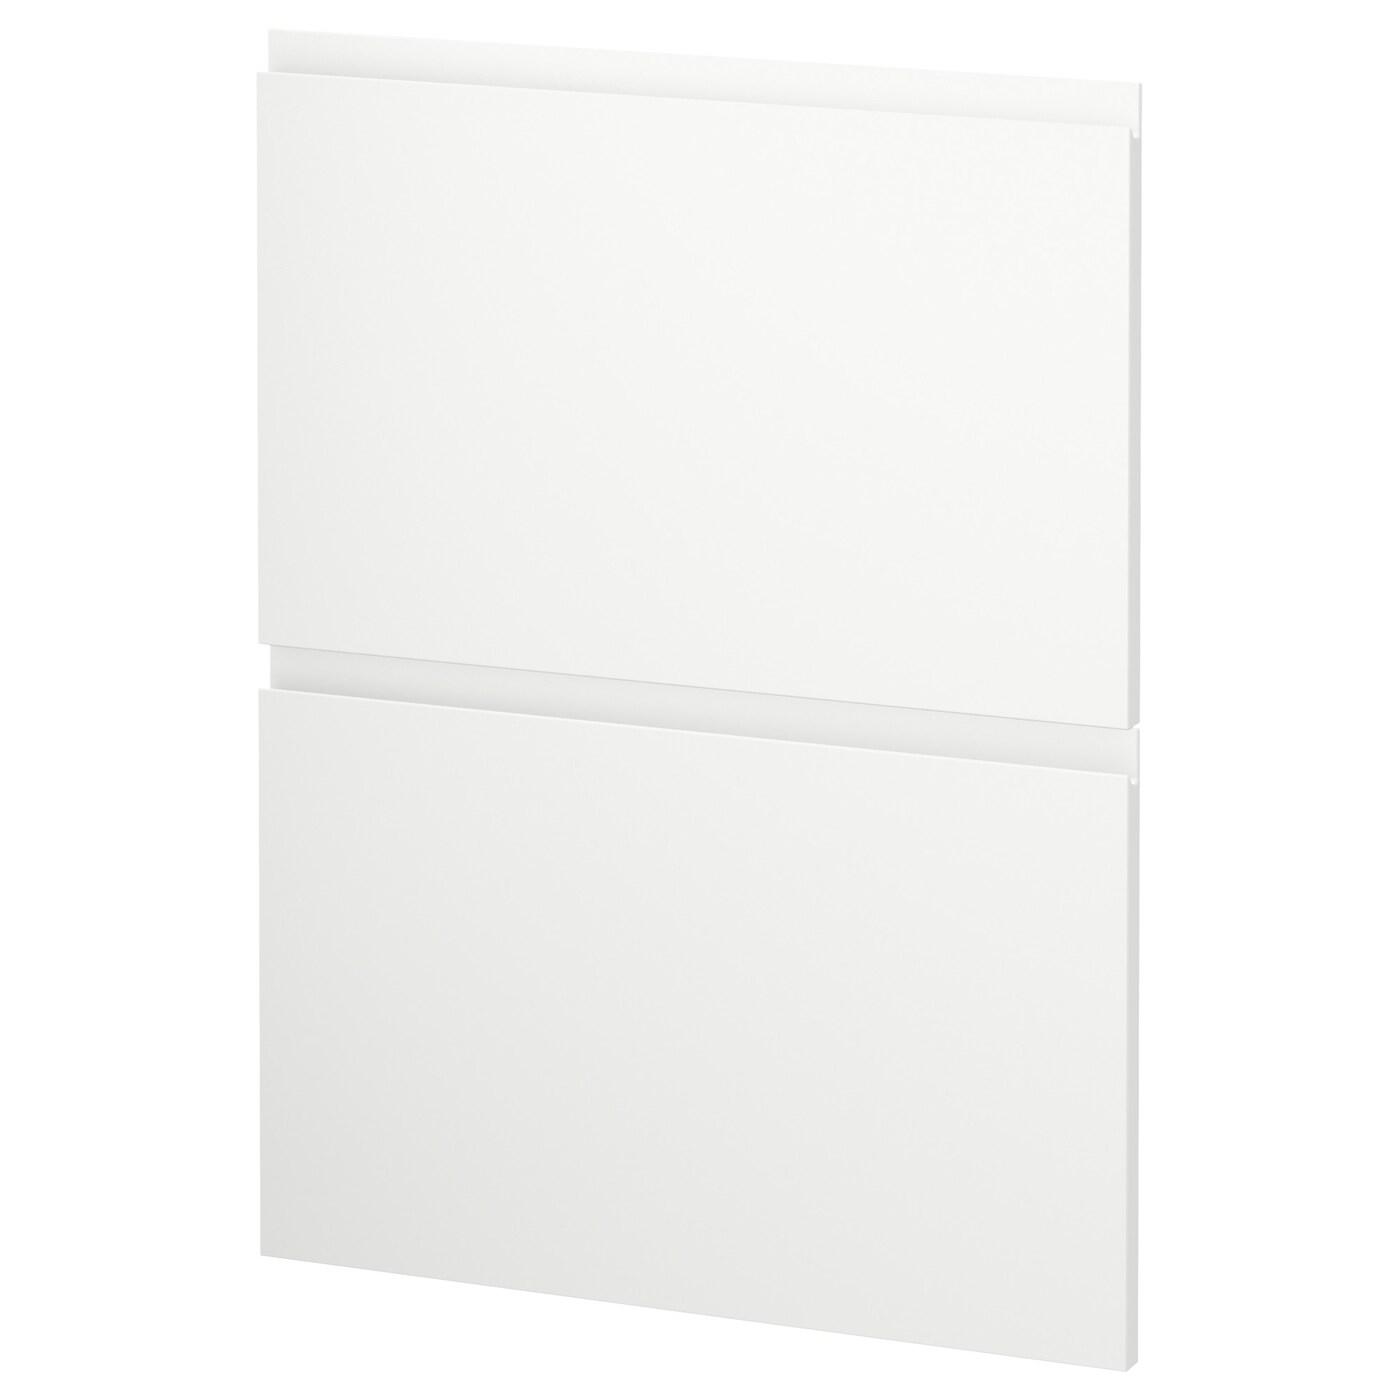 METOD, 2 Fronten für Geschirrspüler, Voxtorp matt weiß weiß, weiß 291.724.25